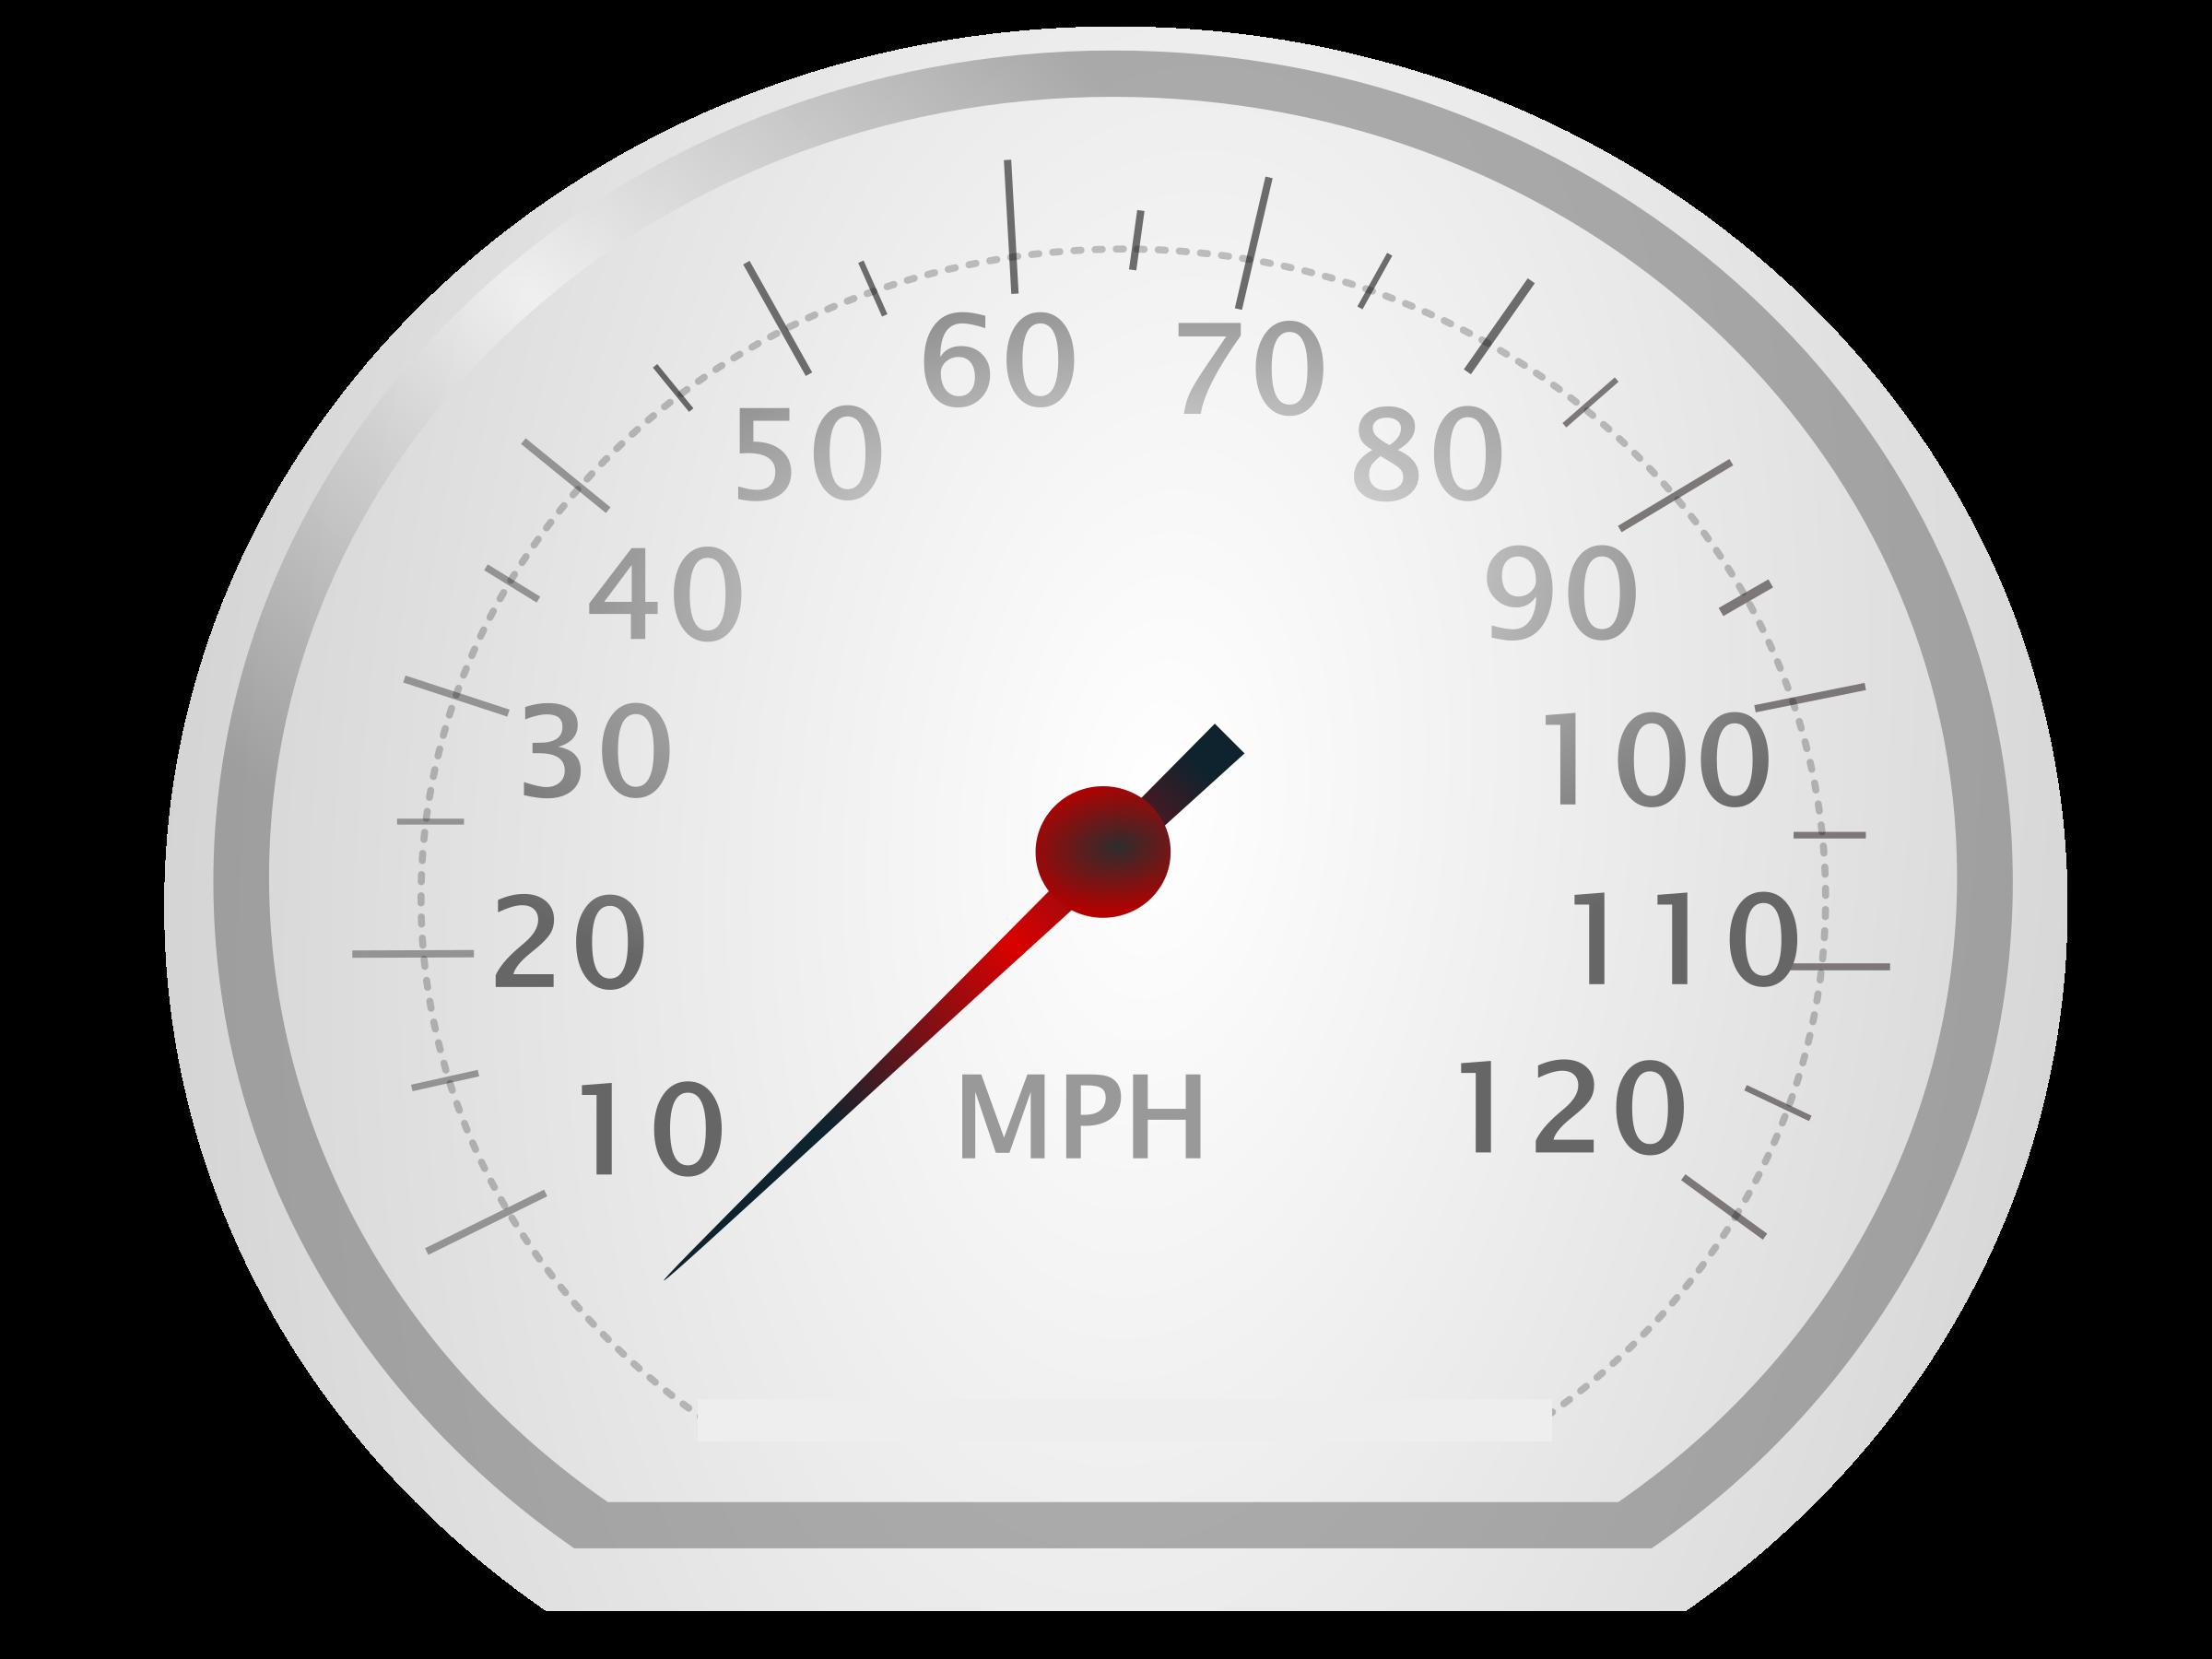 Motorcycle clipart meter. Speedo big image png